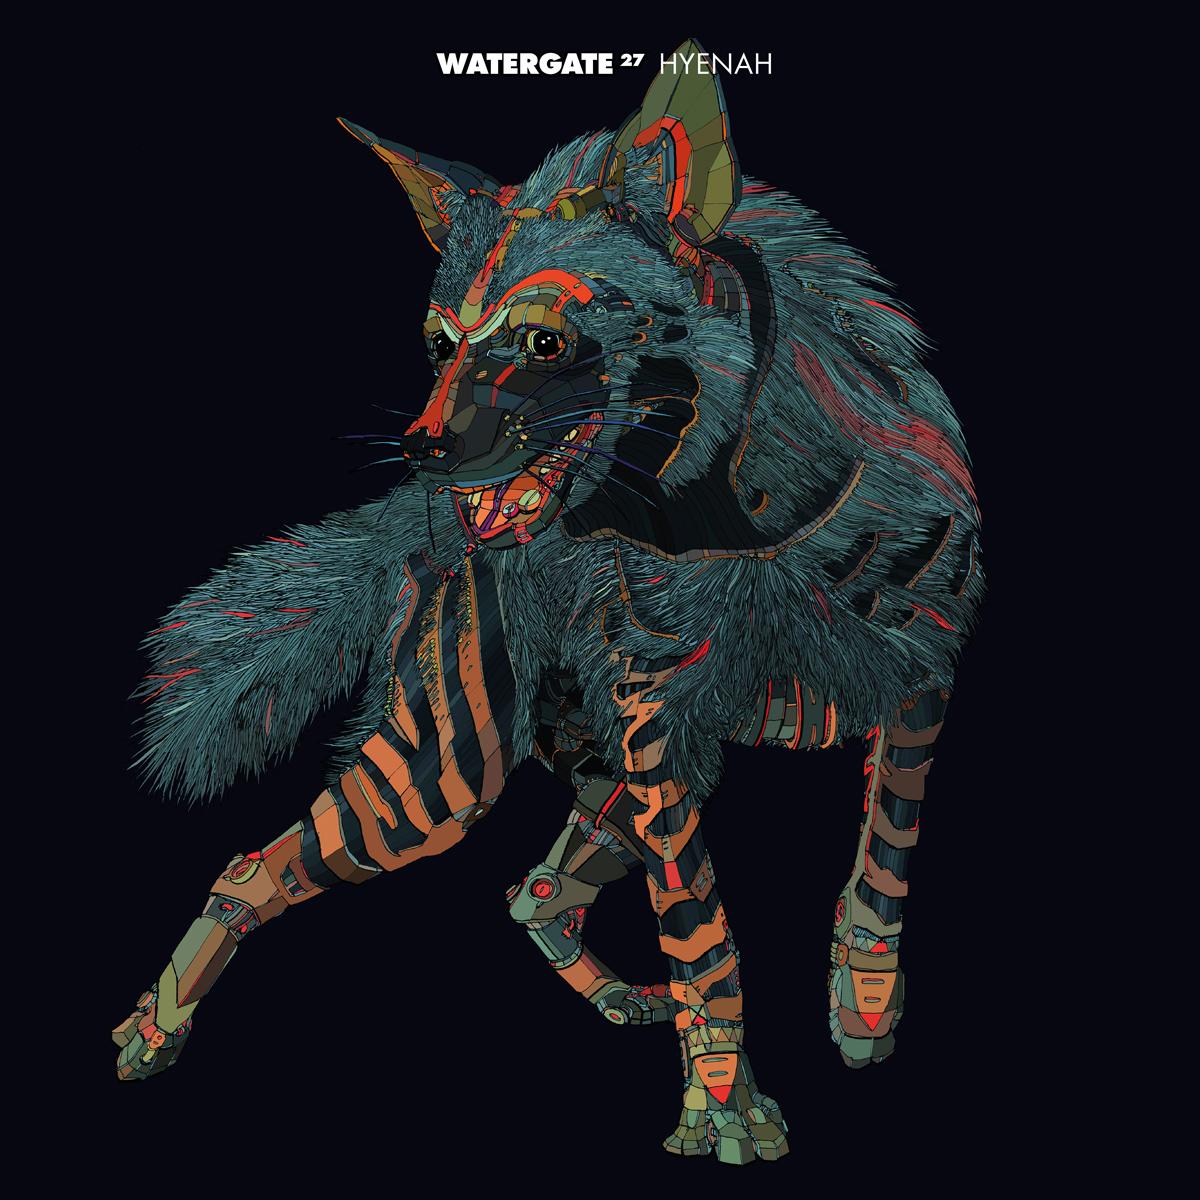 Watergate 27 Hyenah